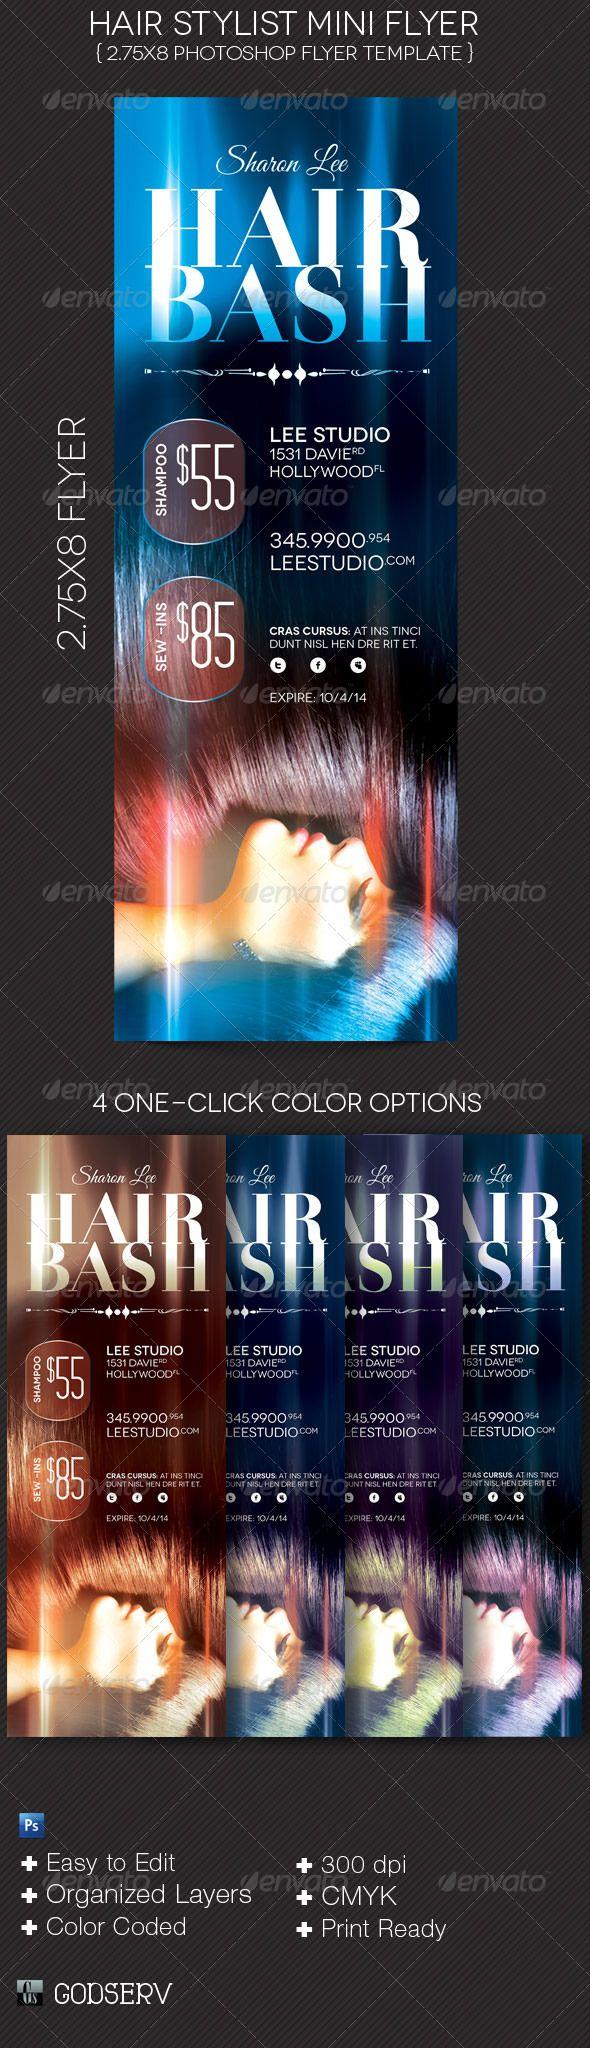 hair stylist mini flyer template flyer ideas pinterest flyer